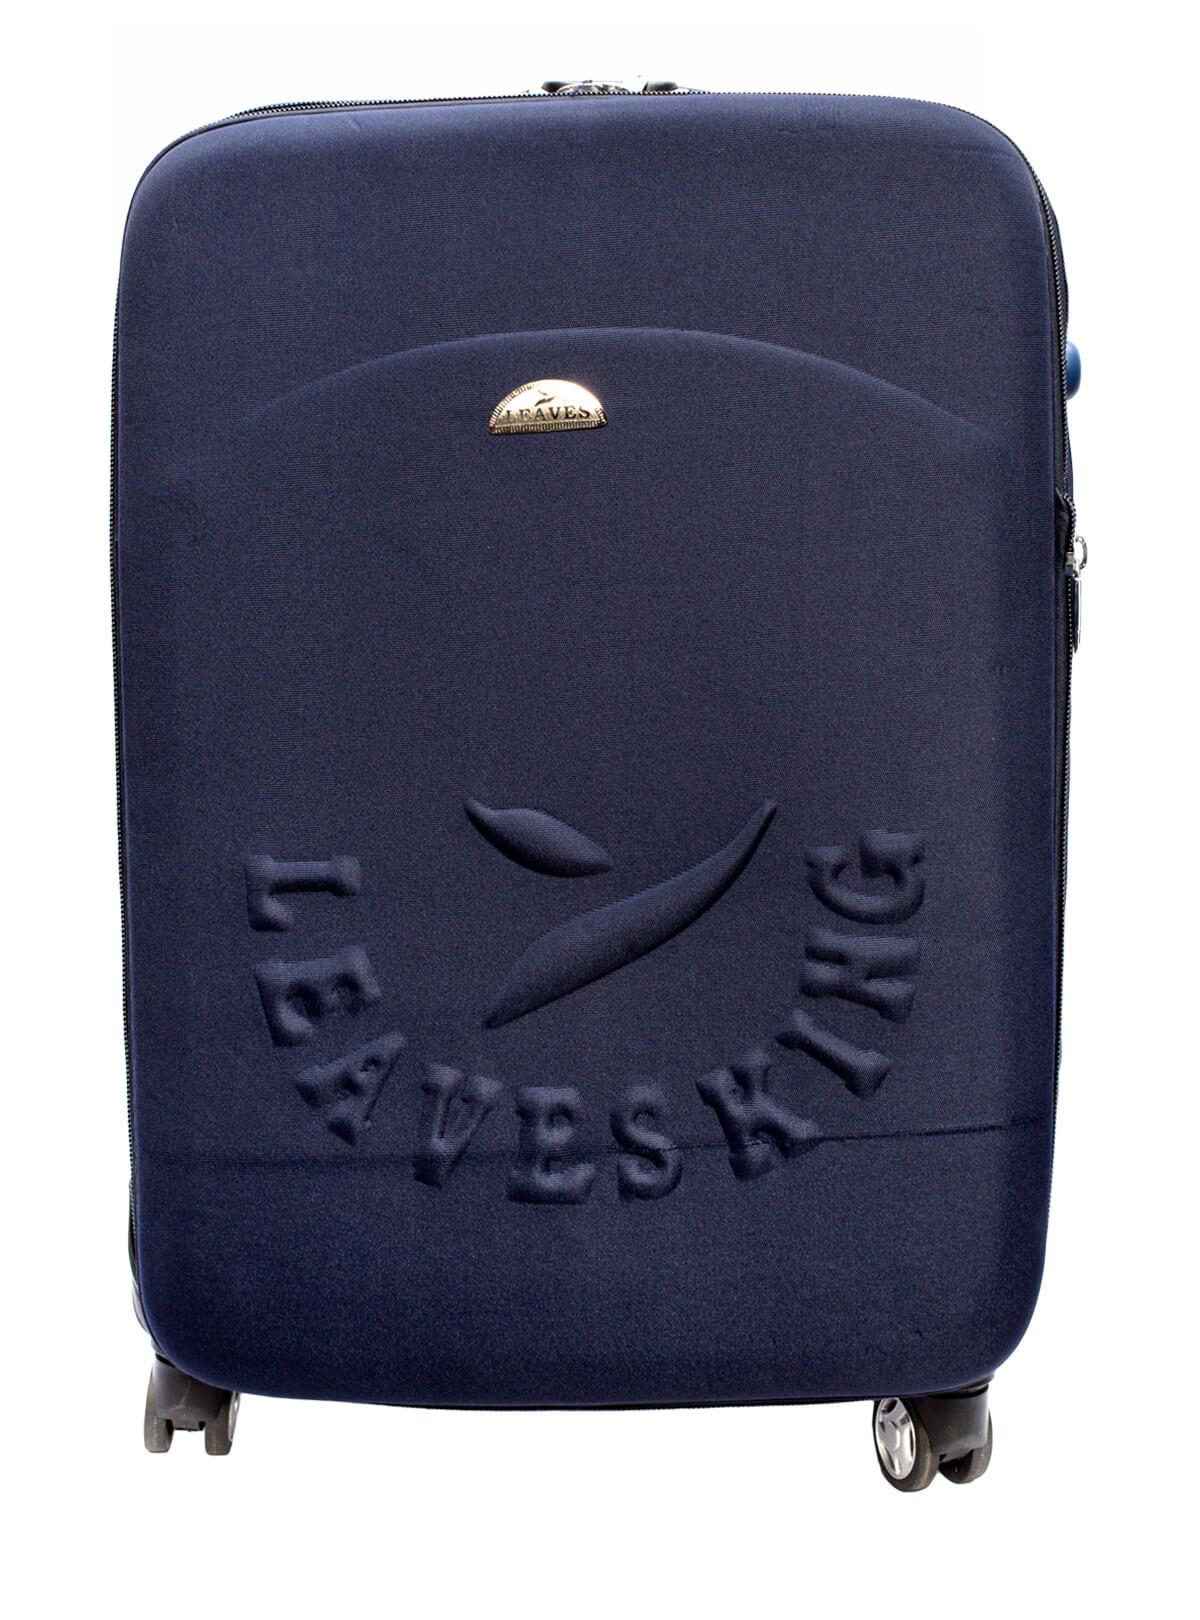 Blue Hand Luggage Trolley